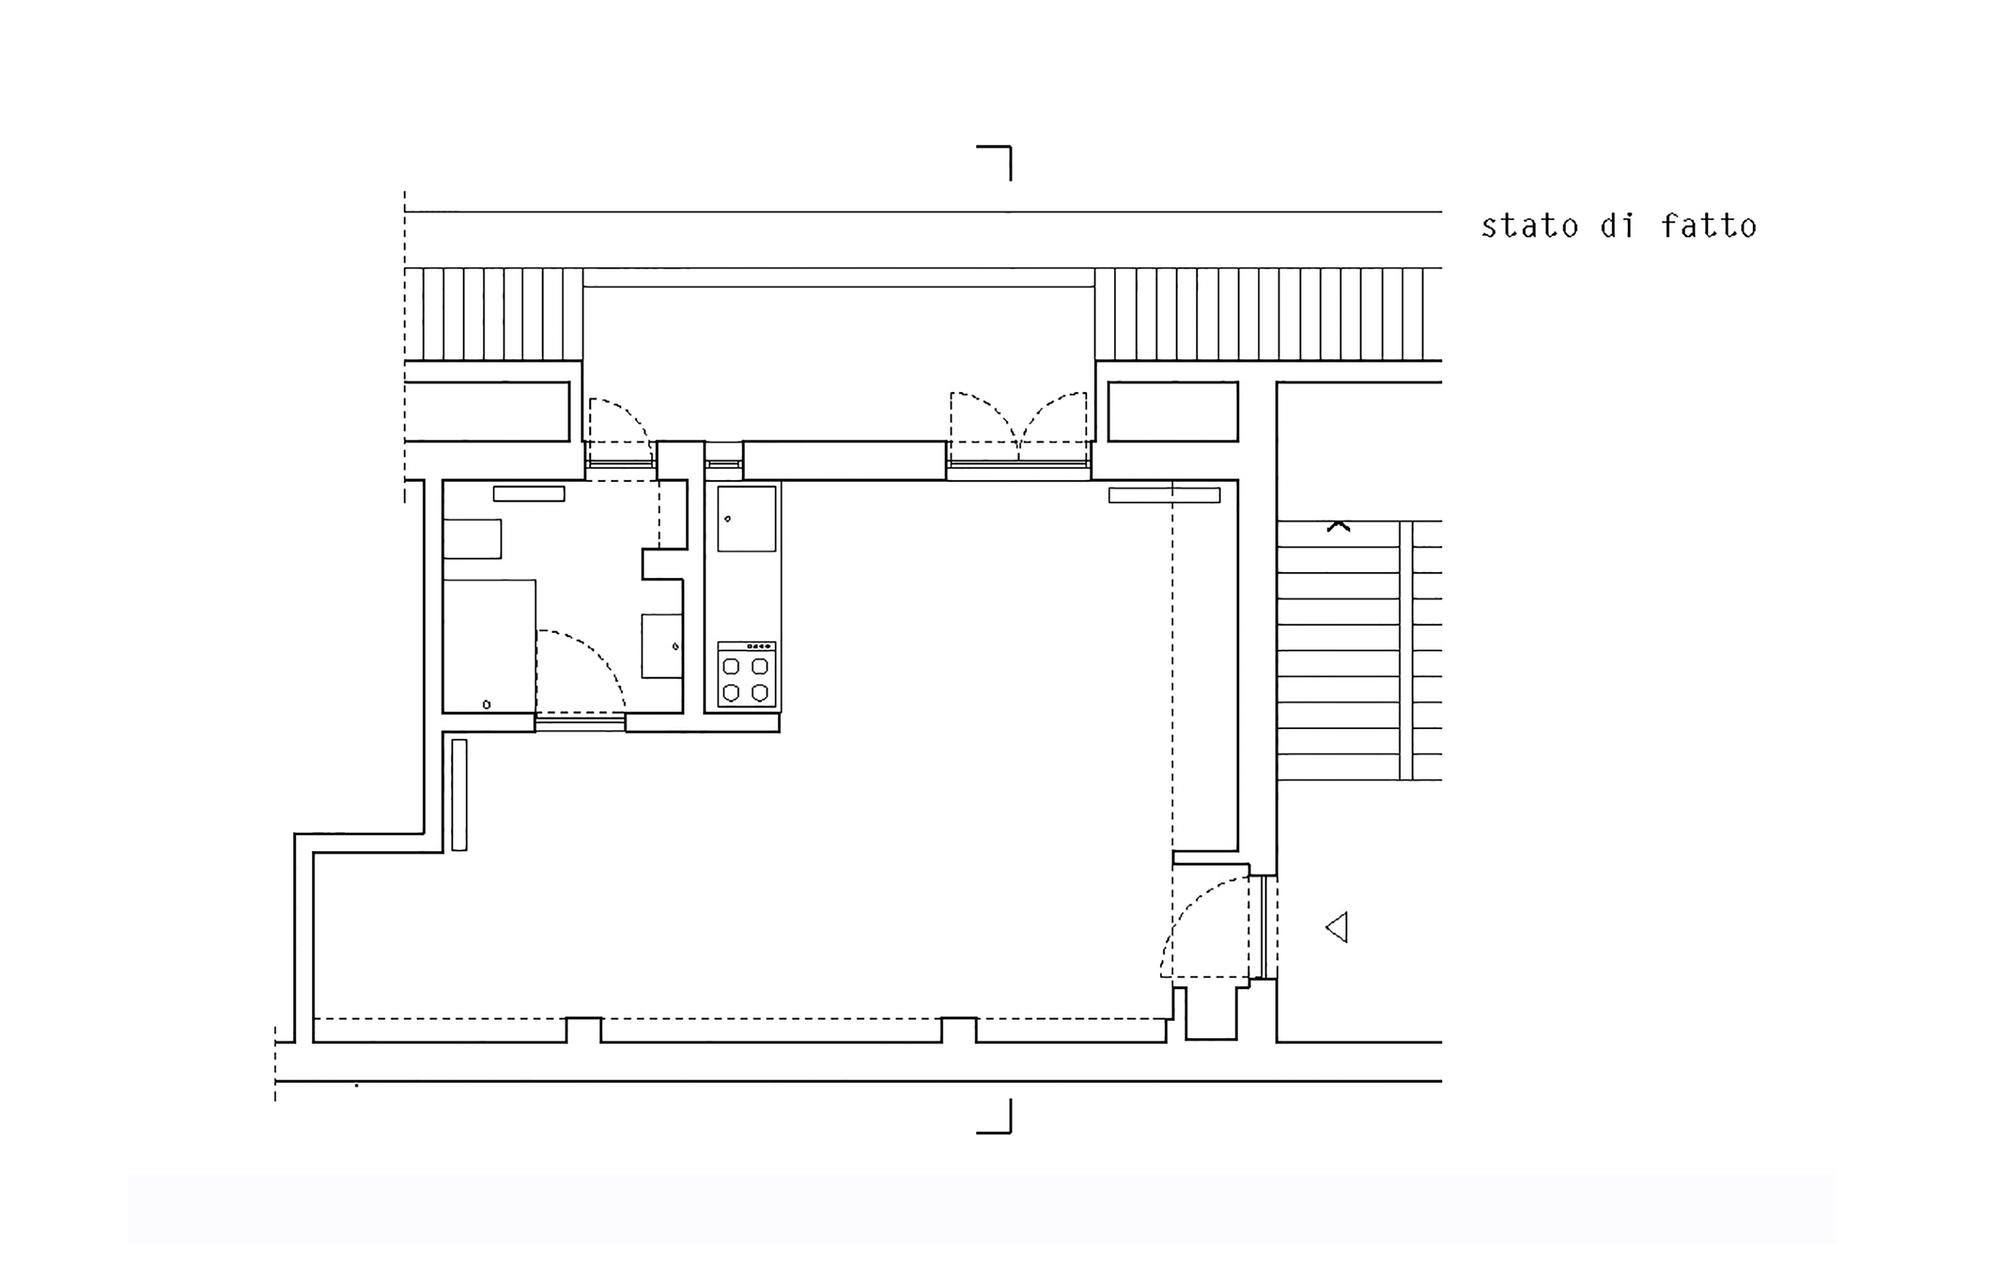 gallery of batipin flat    studiowok